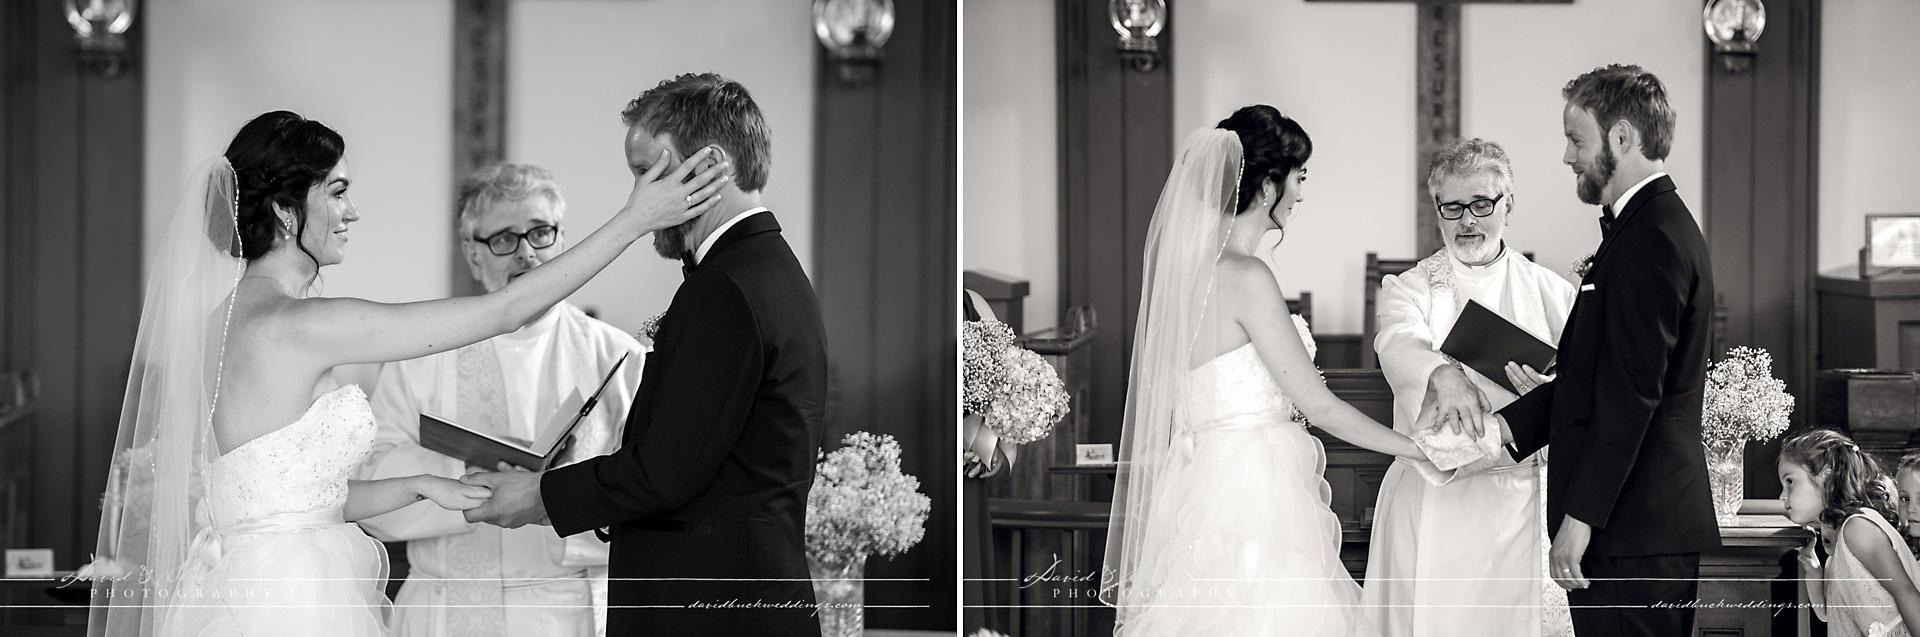 Cambridge_Waterloo_Wedding_Photography_17